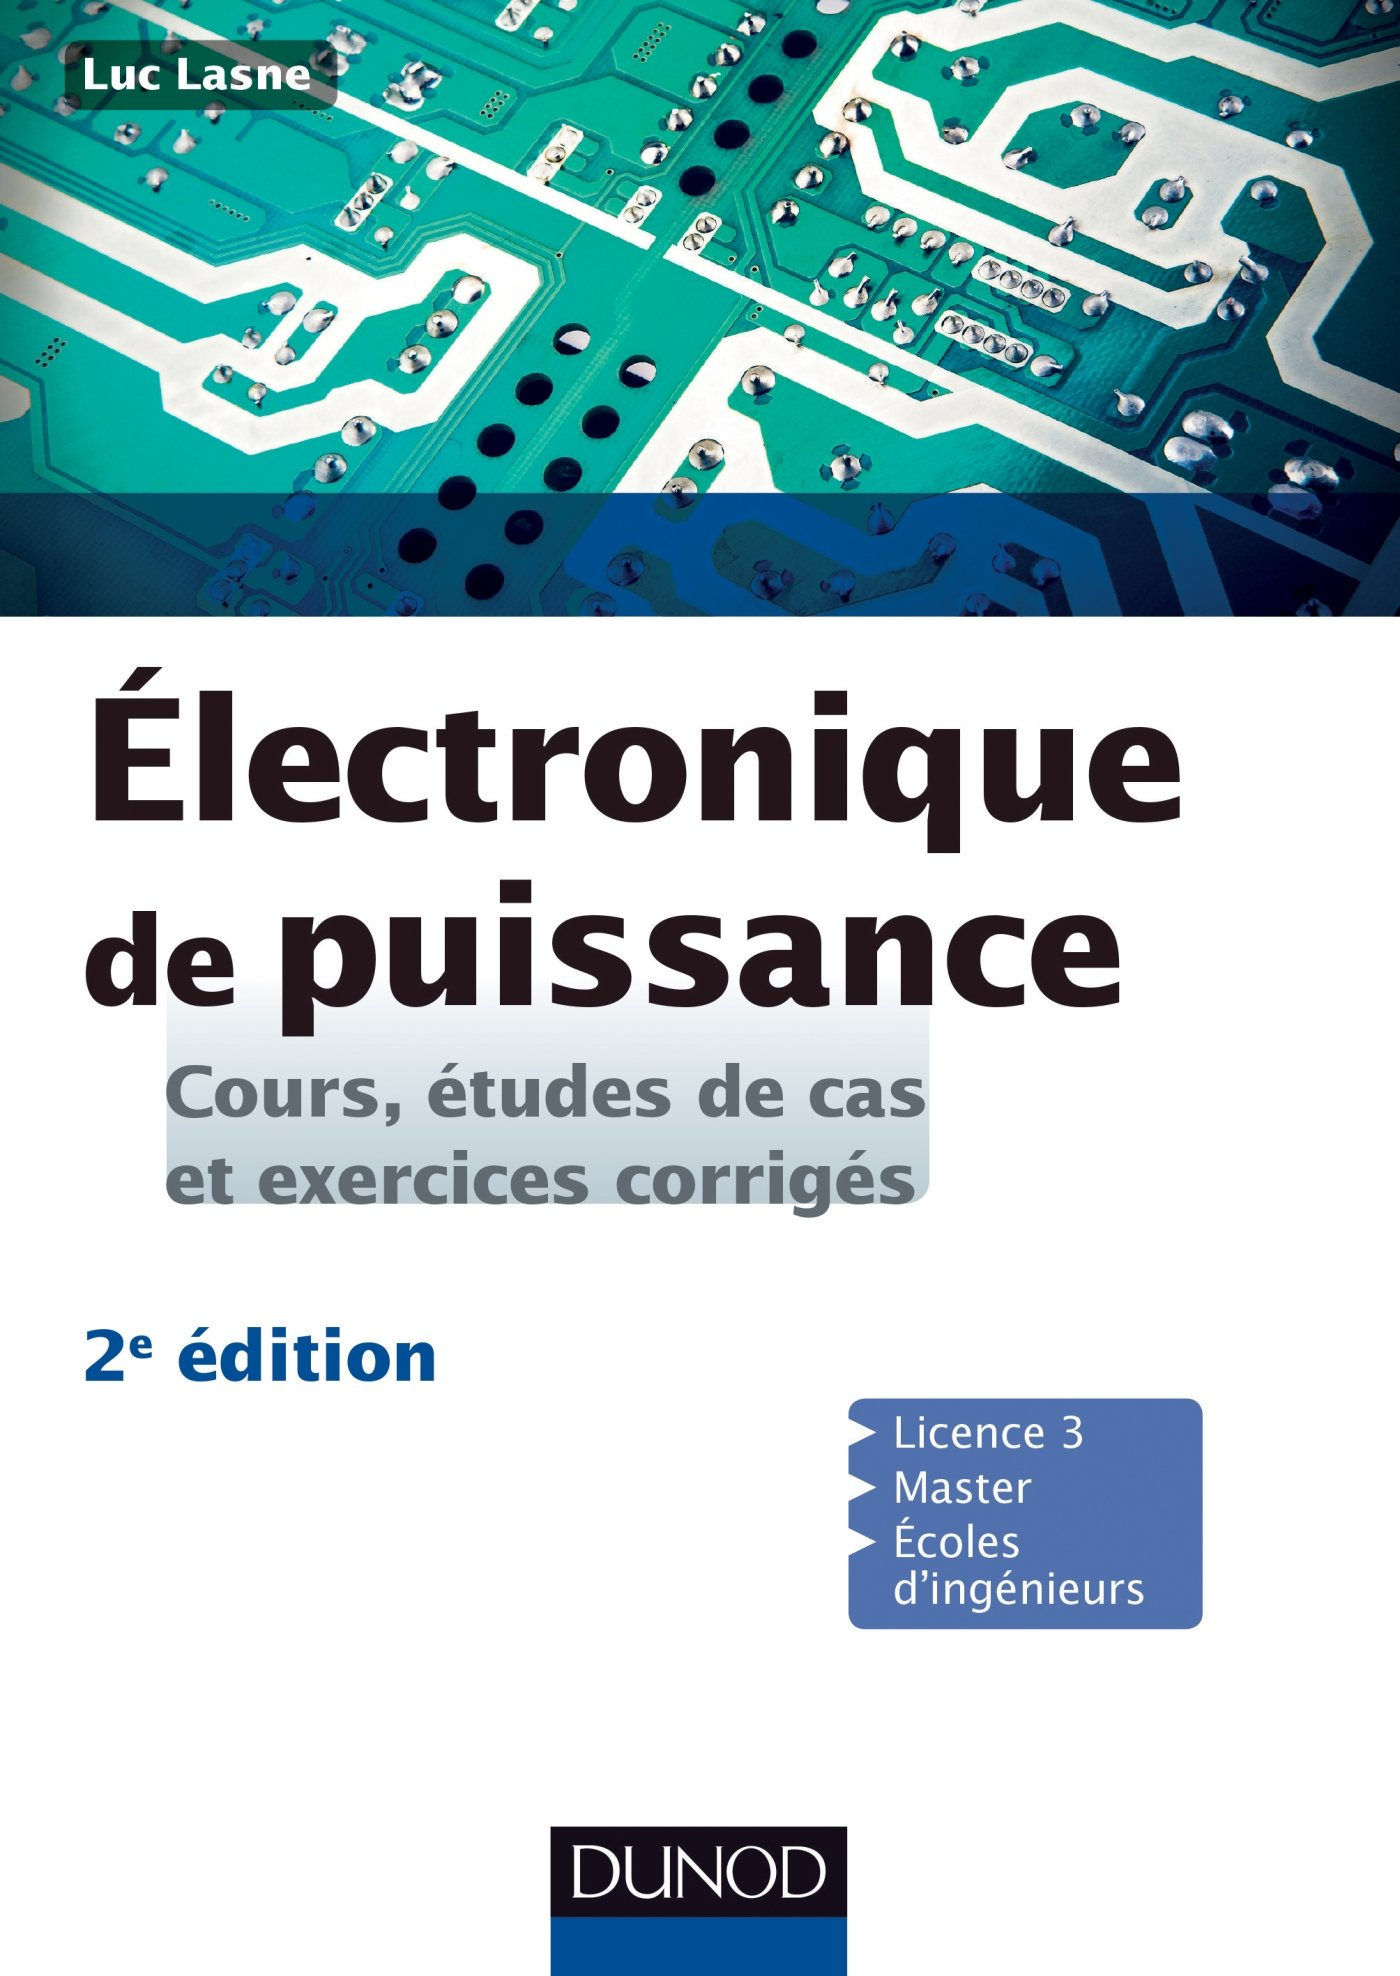 Electronique de puissance - Cours études de cas et exercices corrigés